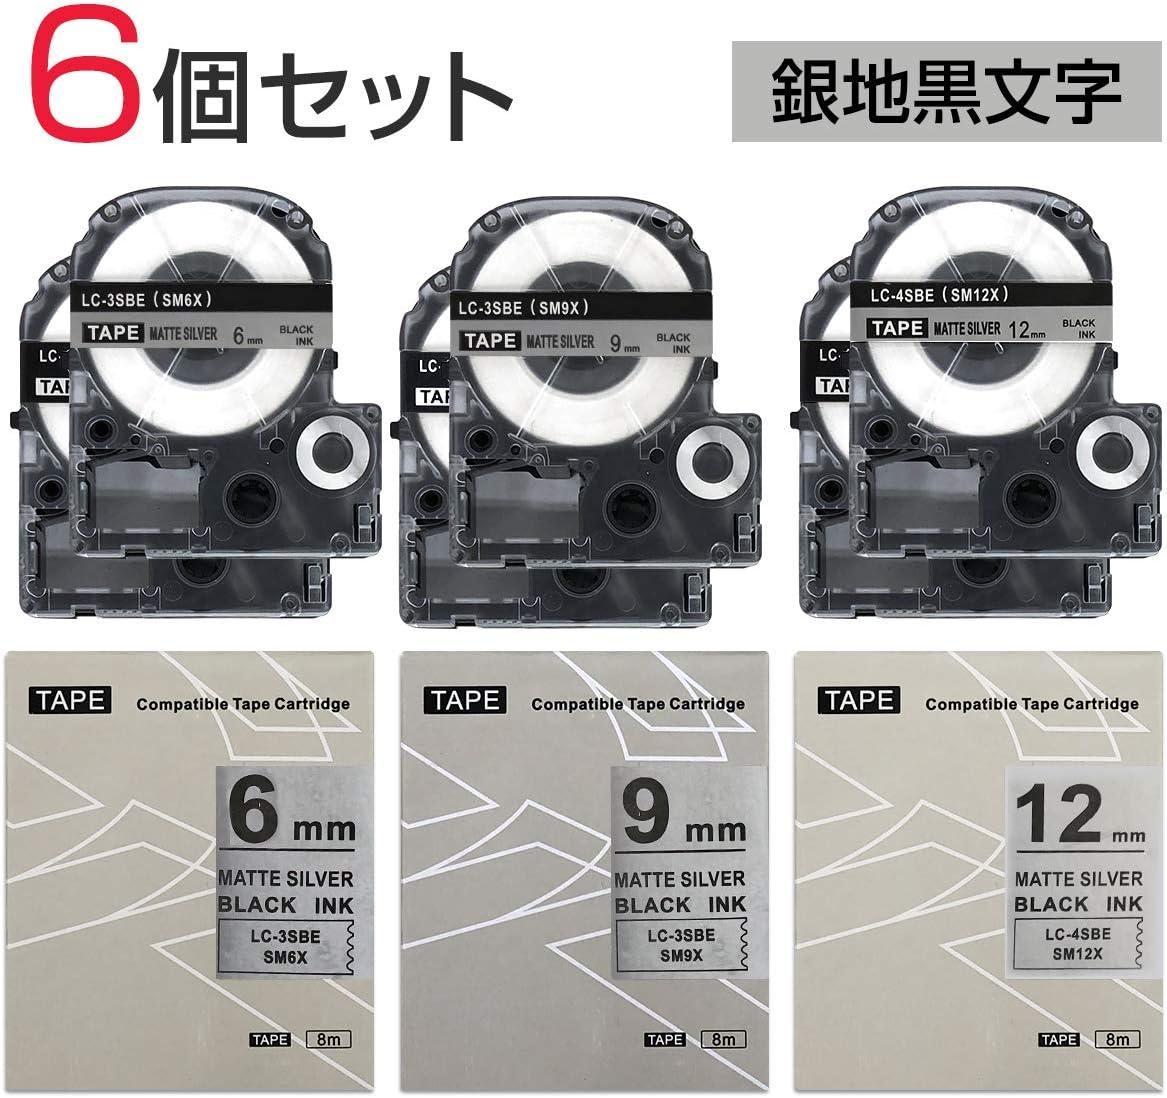 テプラ テープ 互換 カートリッジ 6mm 9mm 12mm 黒 キングジム PRO テープ sm6x sm9x sm12x マット銀地黒文字 8m テプラテープ 各2本 6個セット テプラ本体保証付 sr-gl1 sr150 sr150rp sr170など